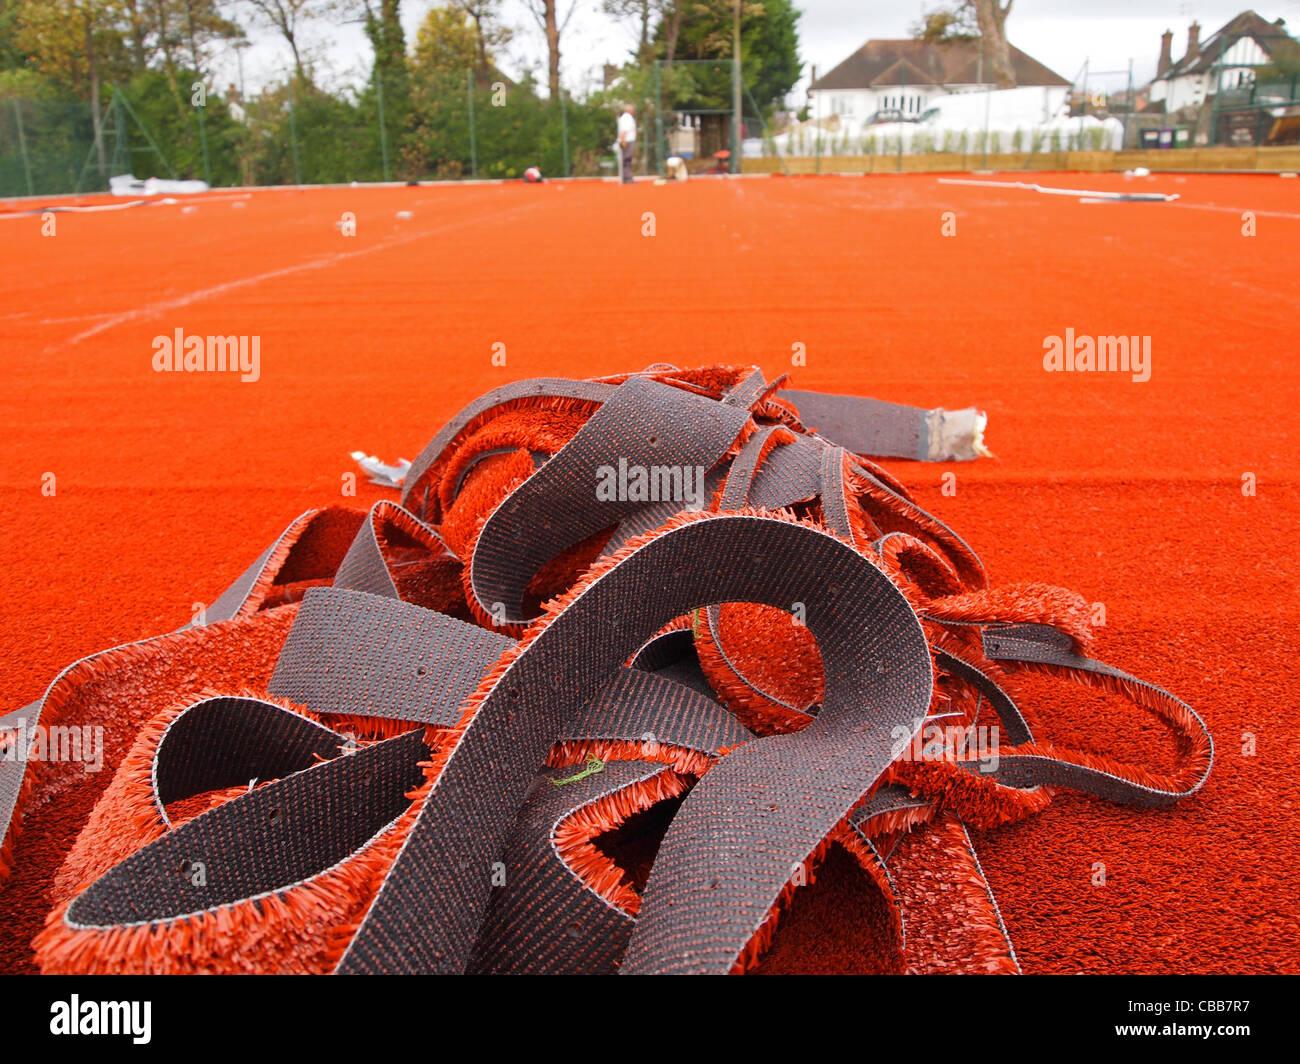 Construcción de canchas de tenis de arcilla sintética - izquierda sobre recortes de la estabilidad mat Imagen De Stock